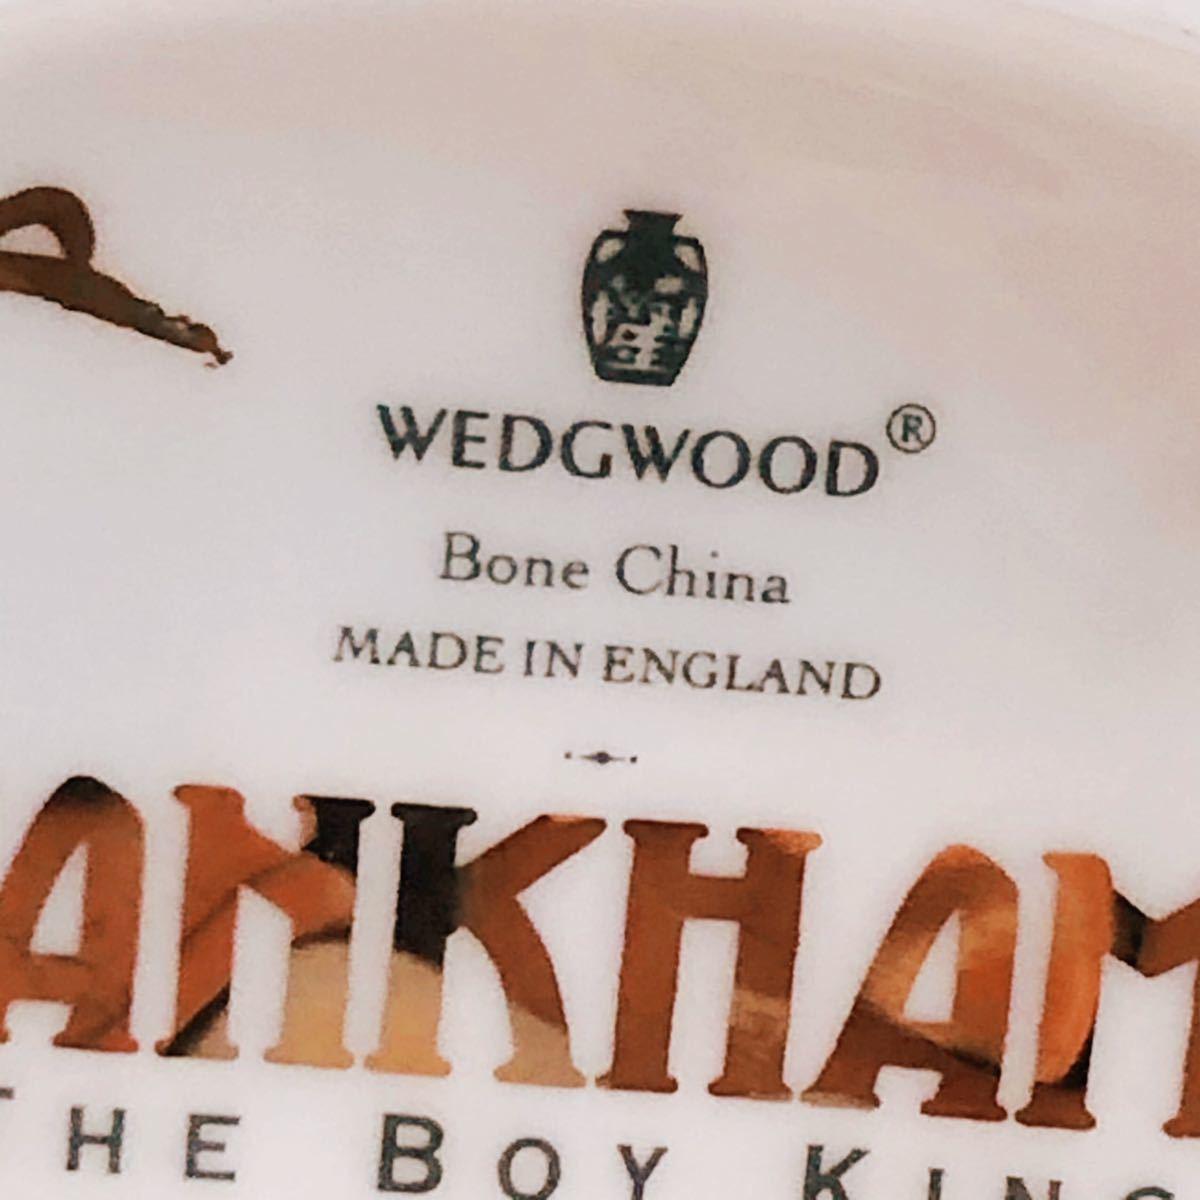 【貴重】WEDGWOOD/ツタンカーメン/The Boy King/Tutankhamun/ウェッジウッド/激レア/英国製/イギリス/置物 /限定品/陶器人形/フィギュア_画像10